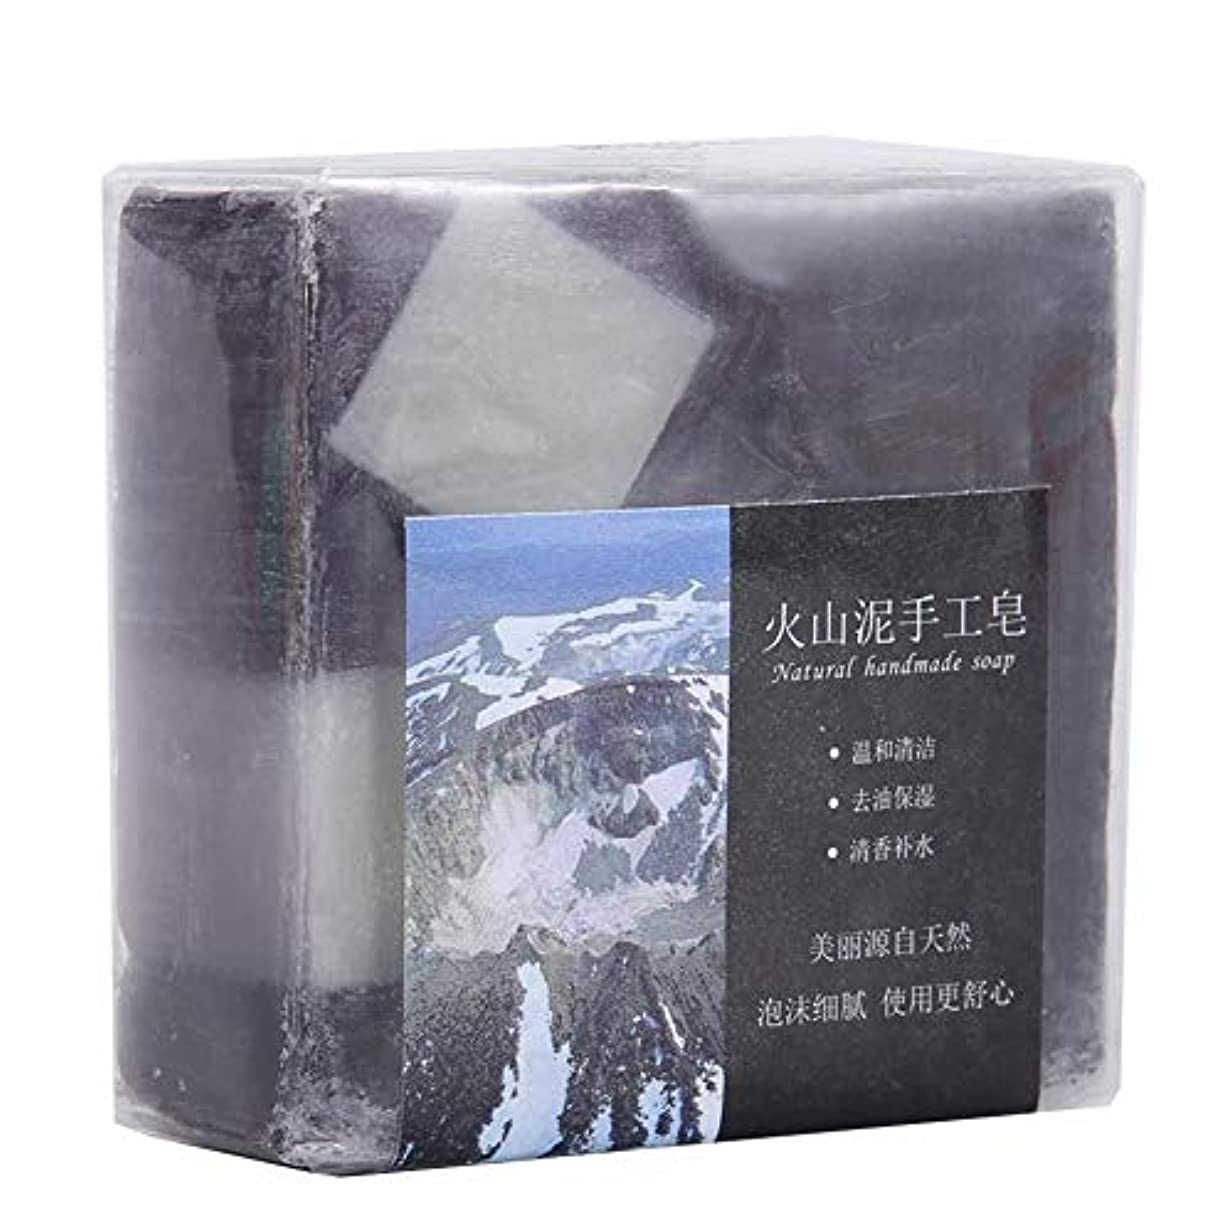 スタック読みやすい型ディープクリーニング 火山泥 ハンドメイドグリース 保湿石鹸用 100 G 手作り石鹸